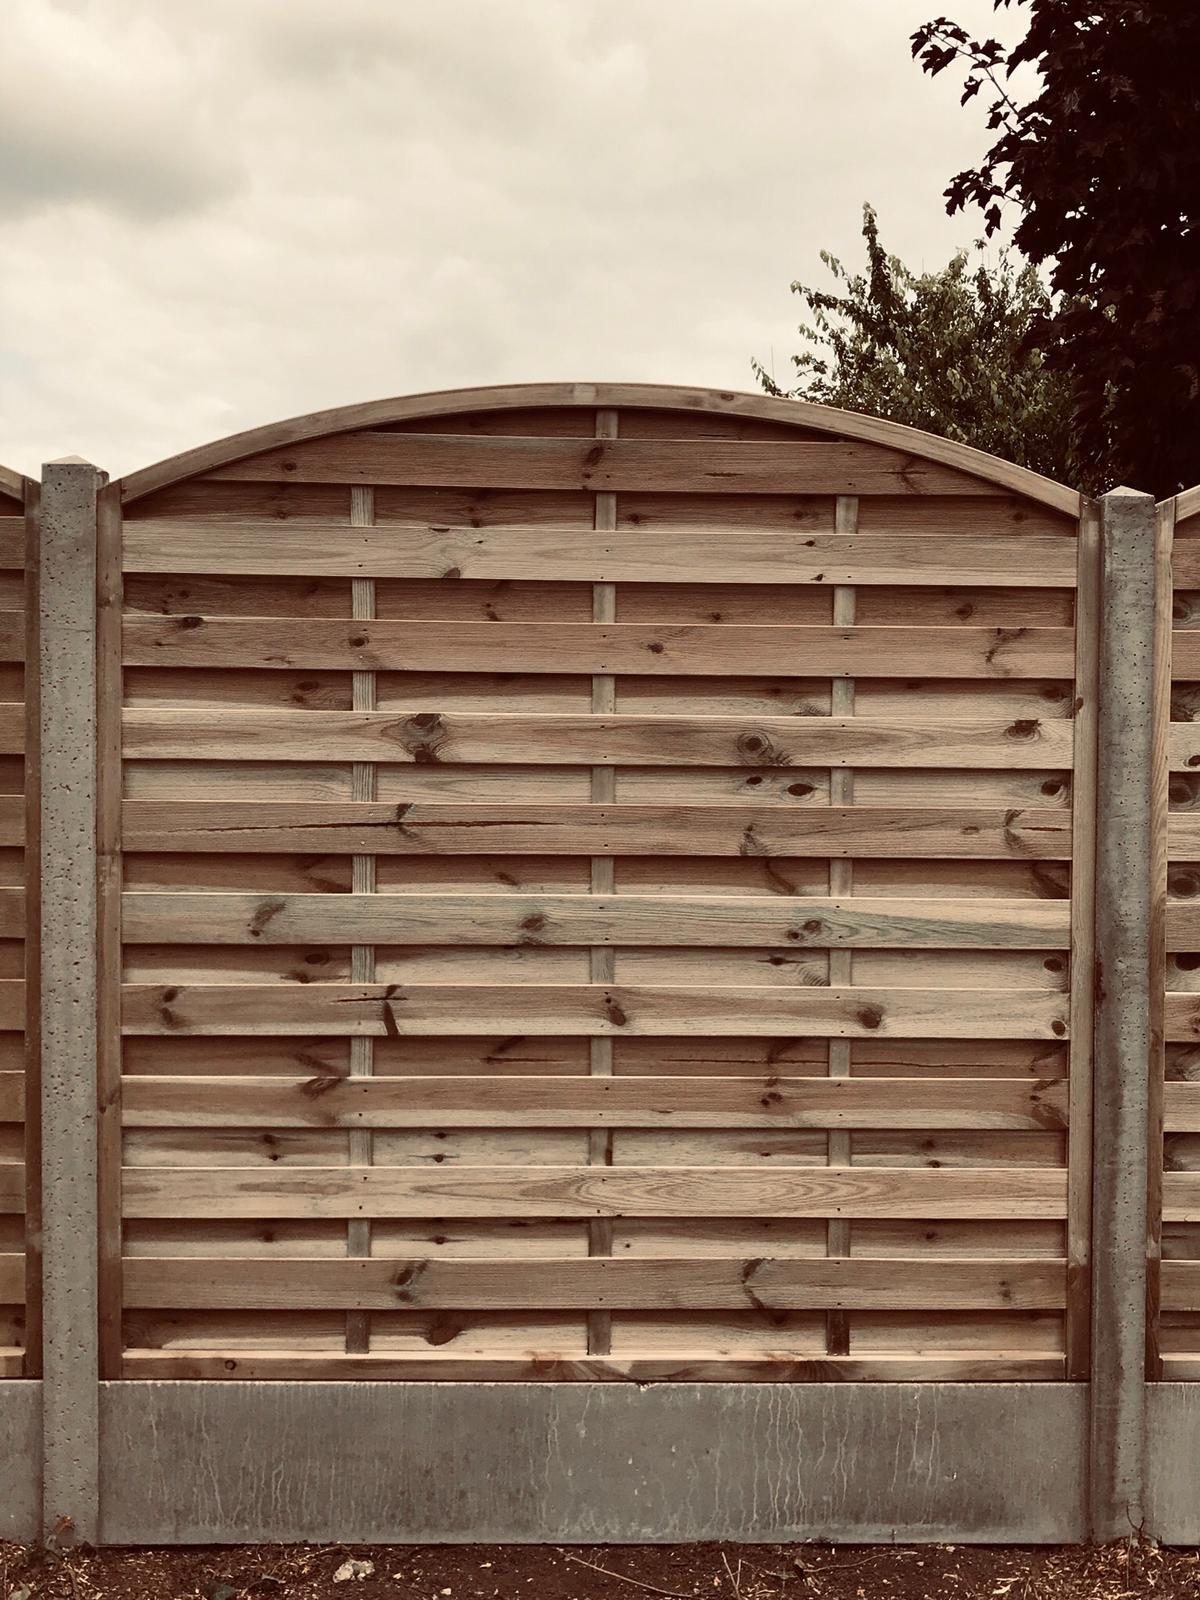 Omega style fence panel